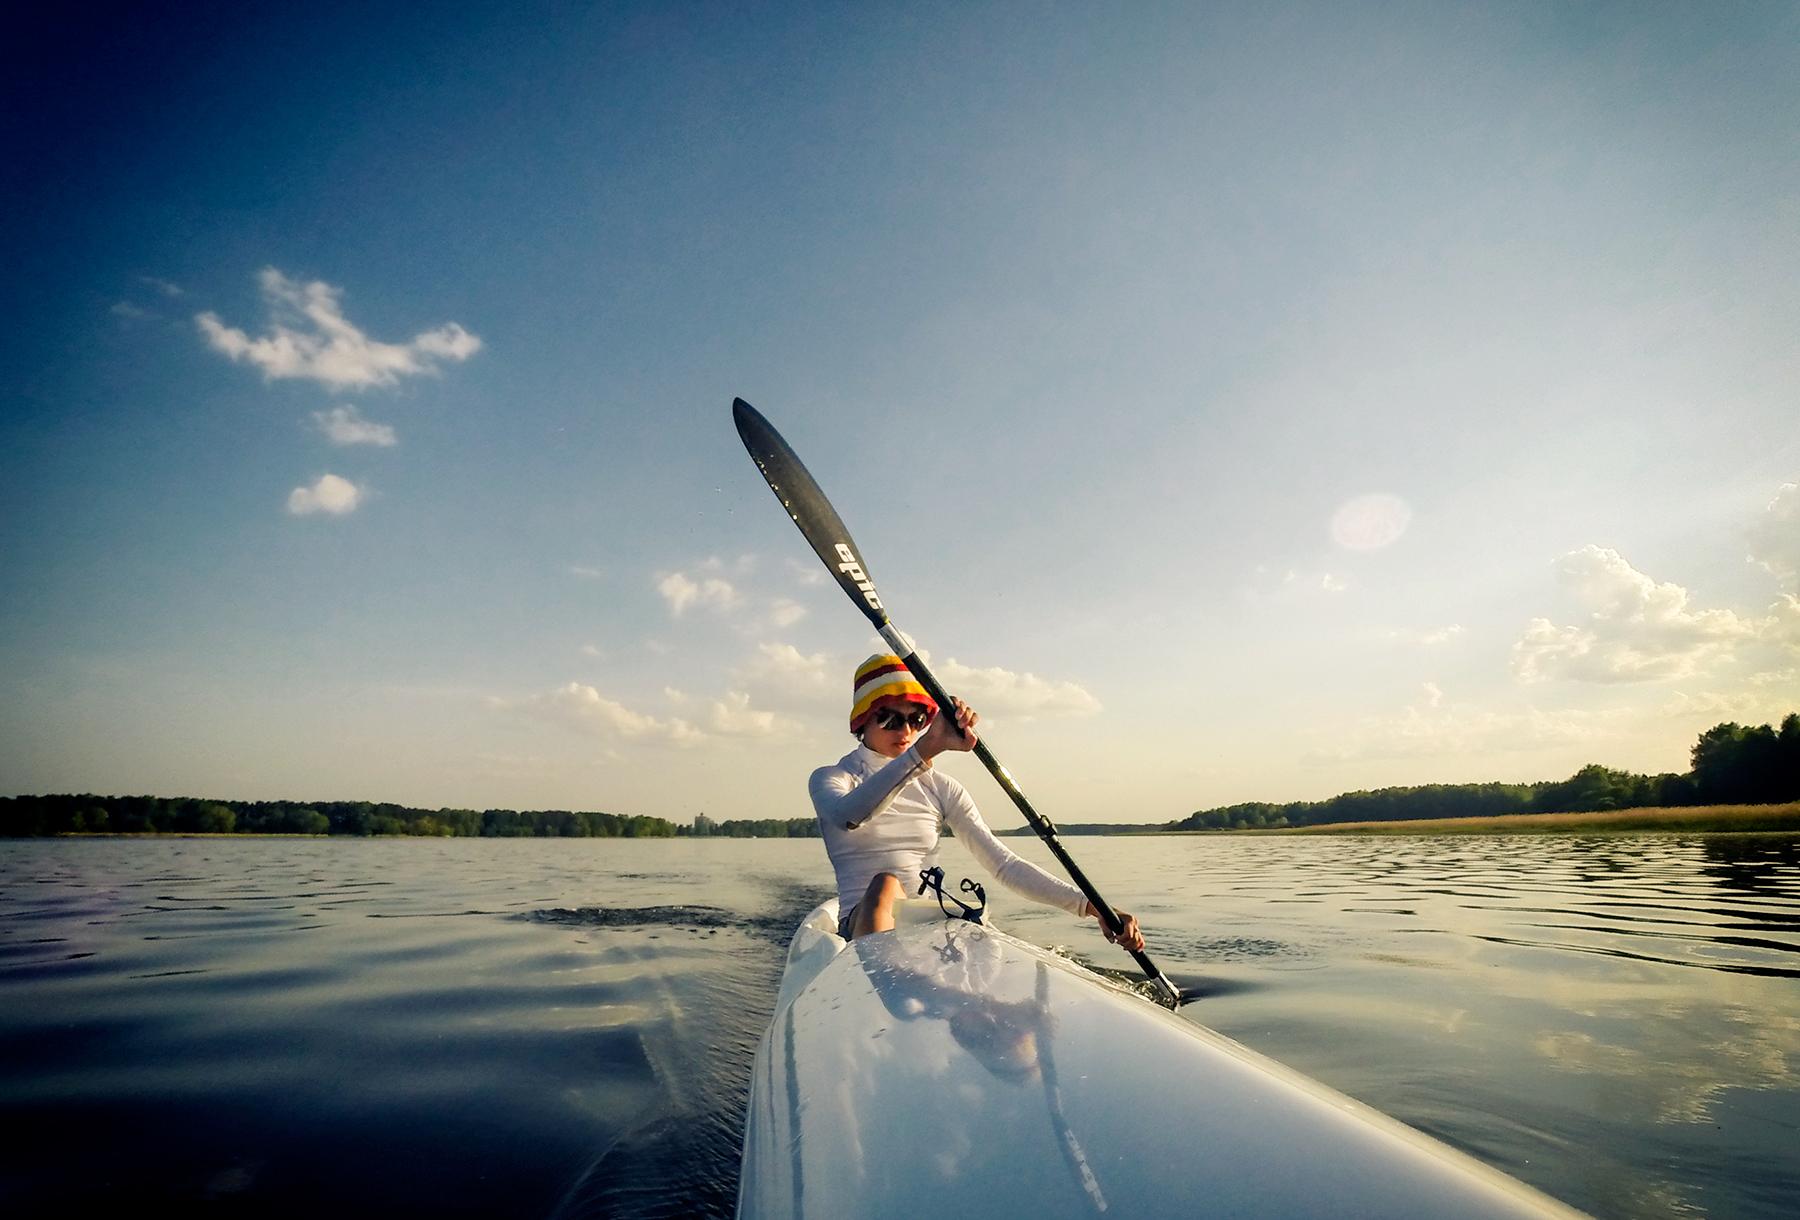 sasha_sursfki_on-the-water